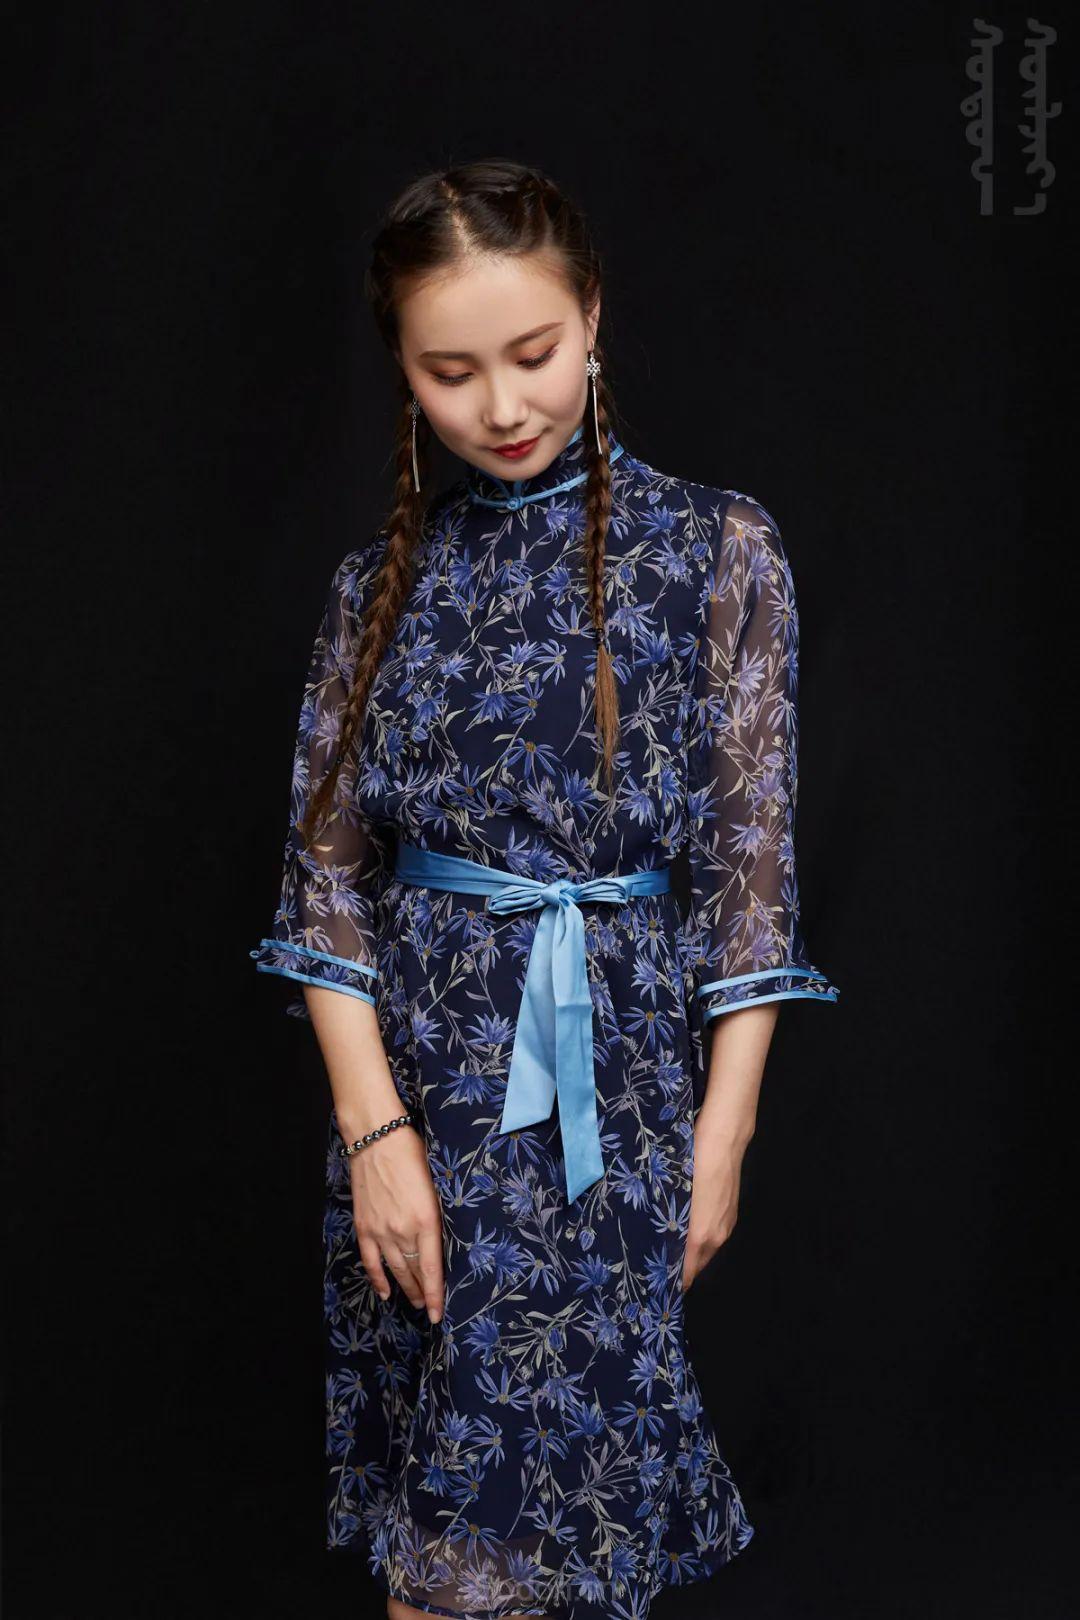 DOMOG蒙古时装2020新款夏季连衣裙首发,618钜惠七折! 第6张